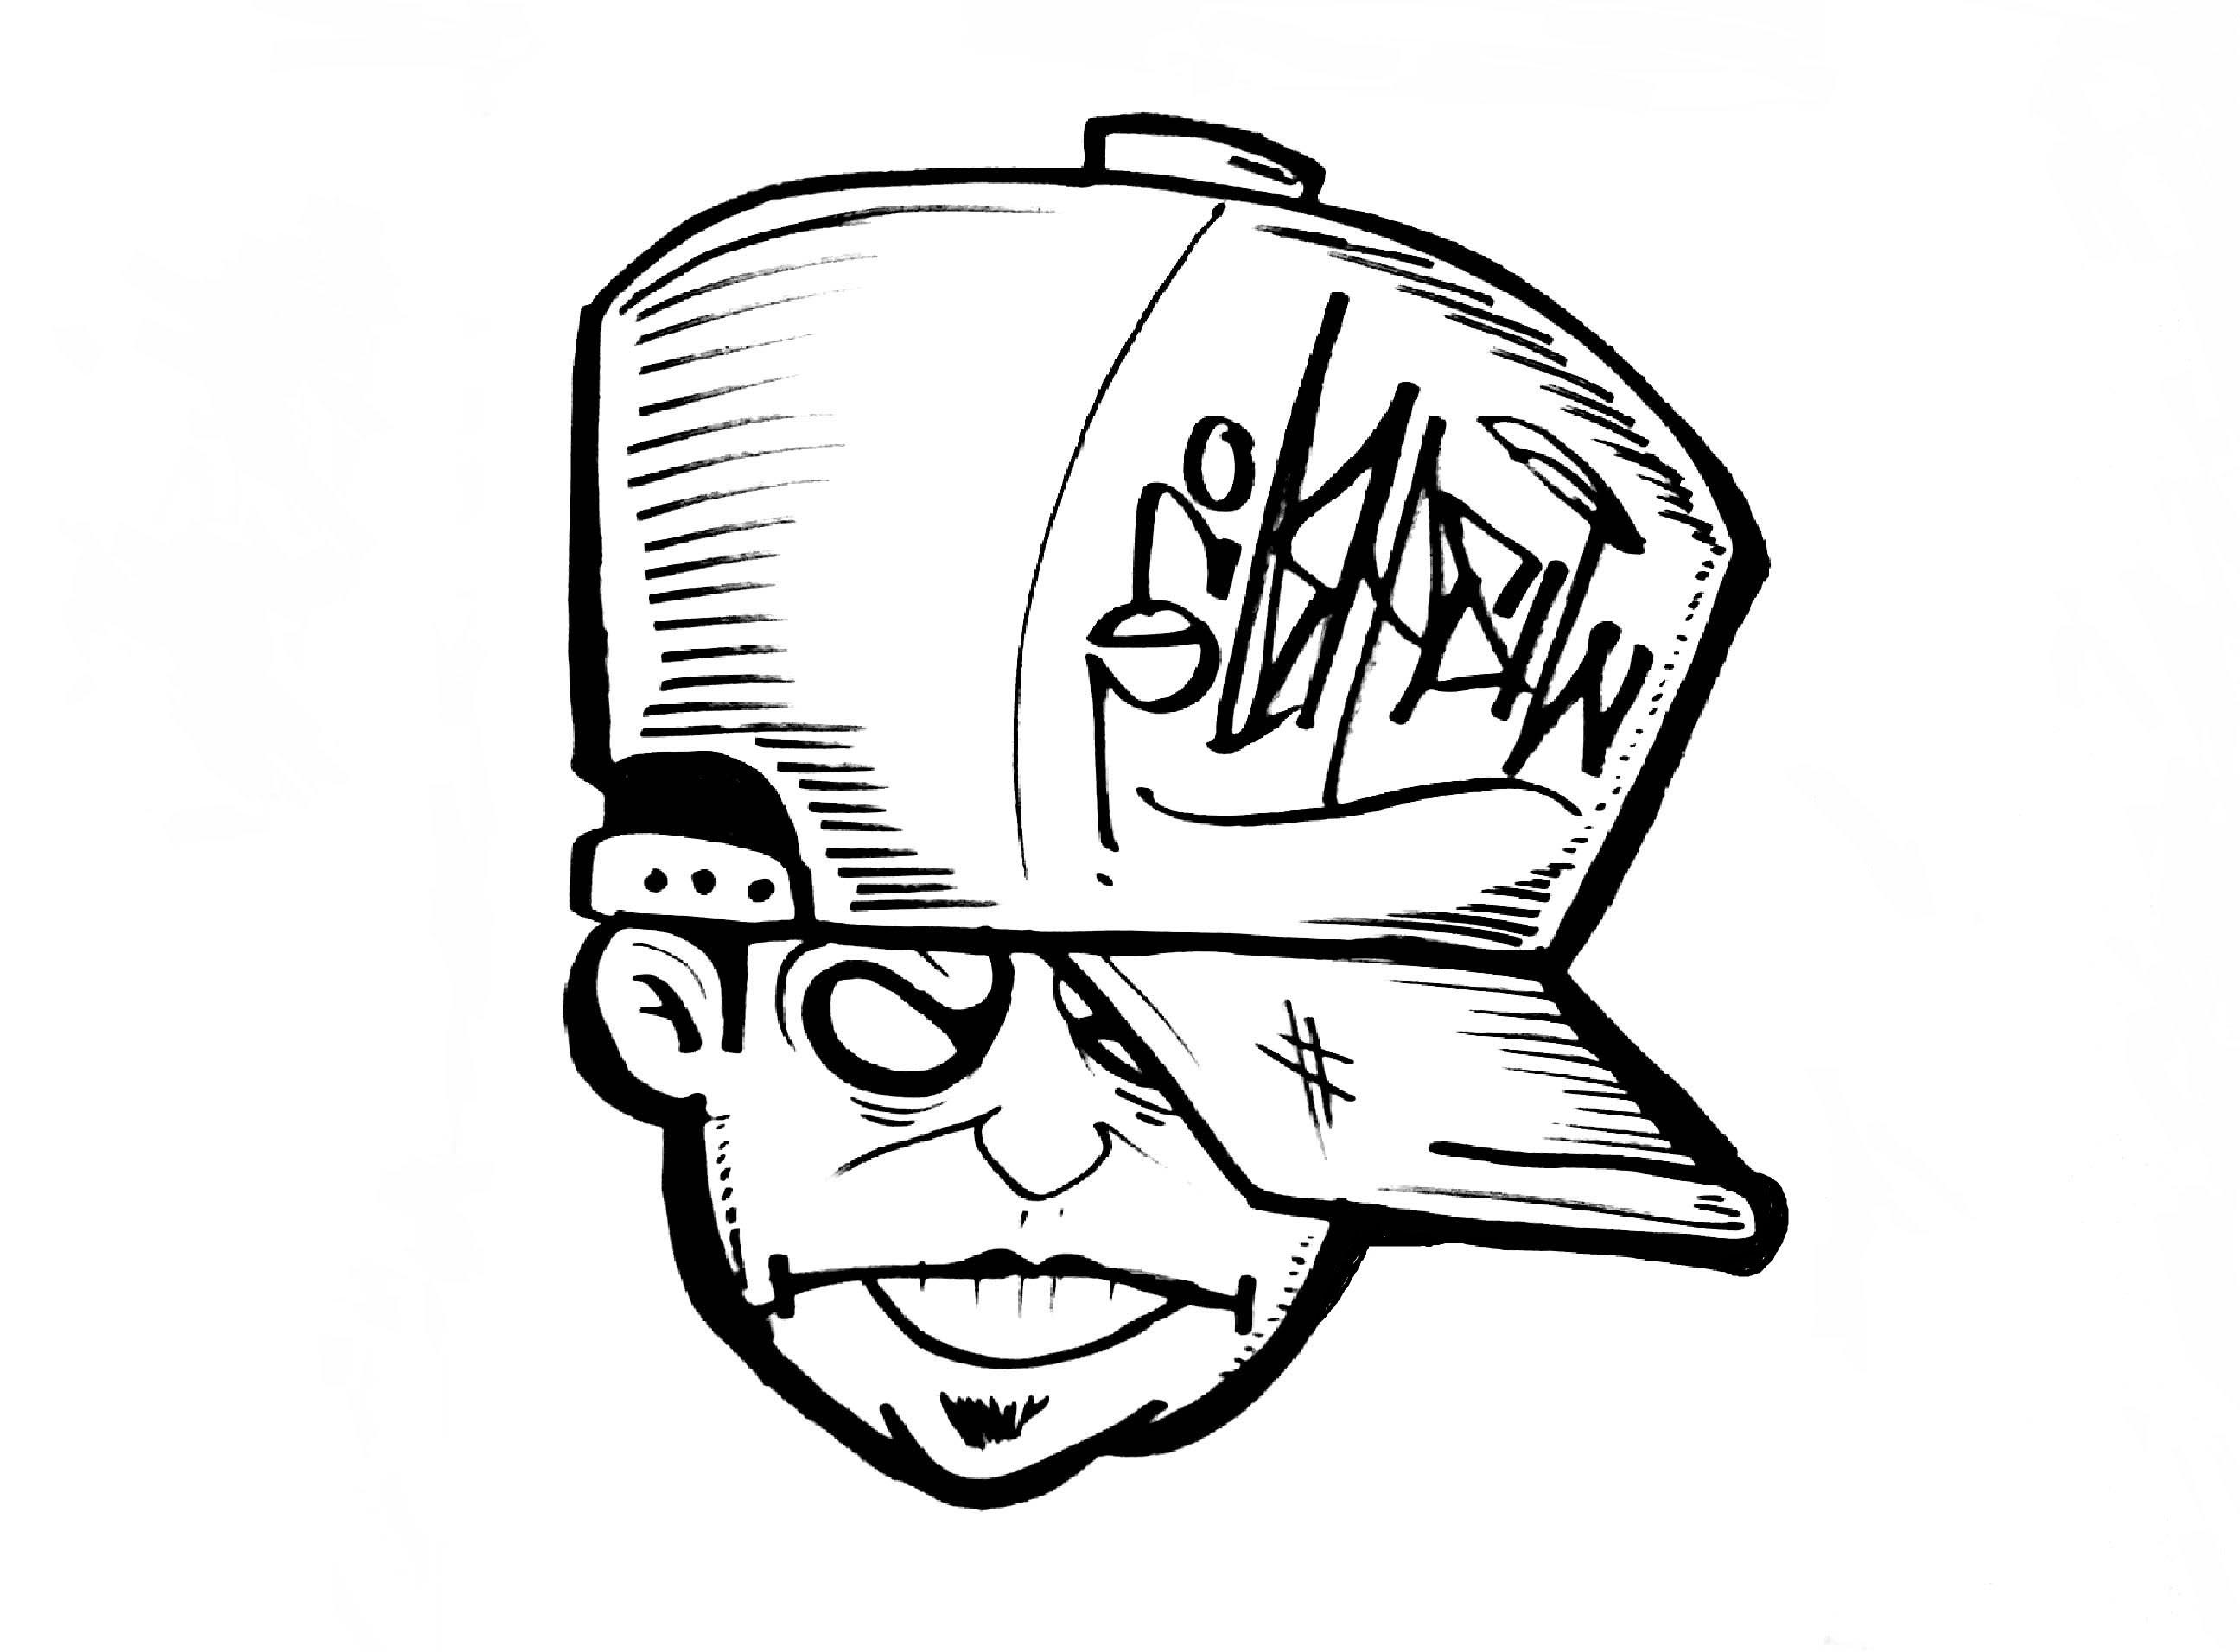 2592x1912 Funny Graffiti Drawings How To Draw Face (Graffiti Character